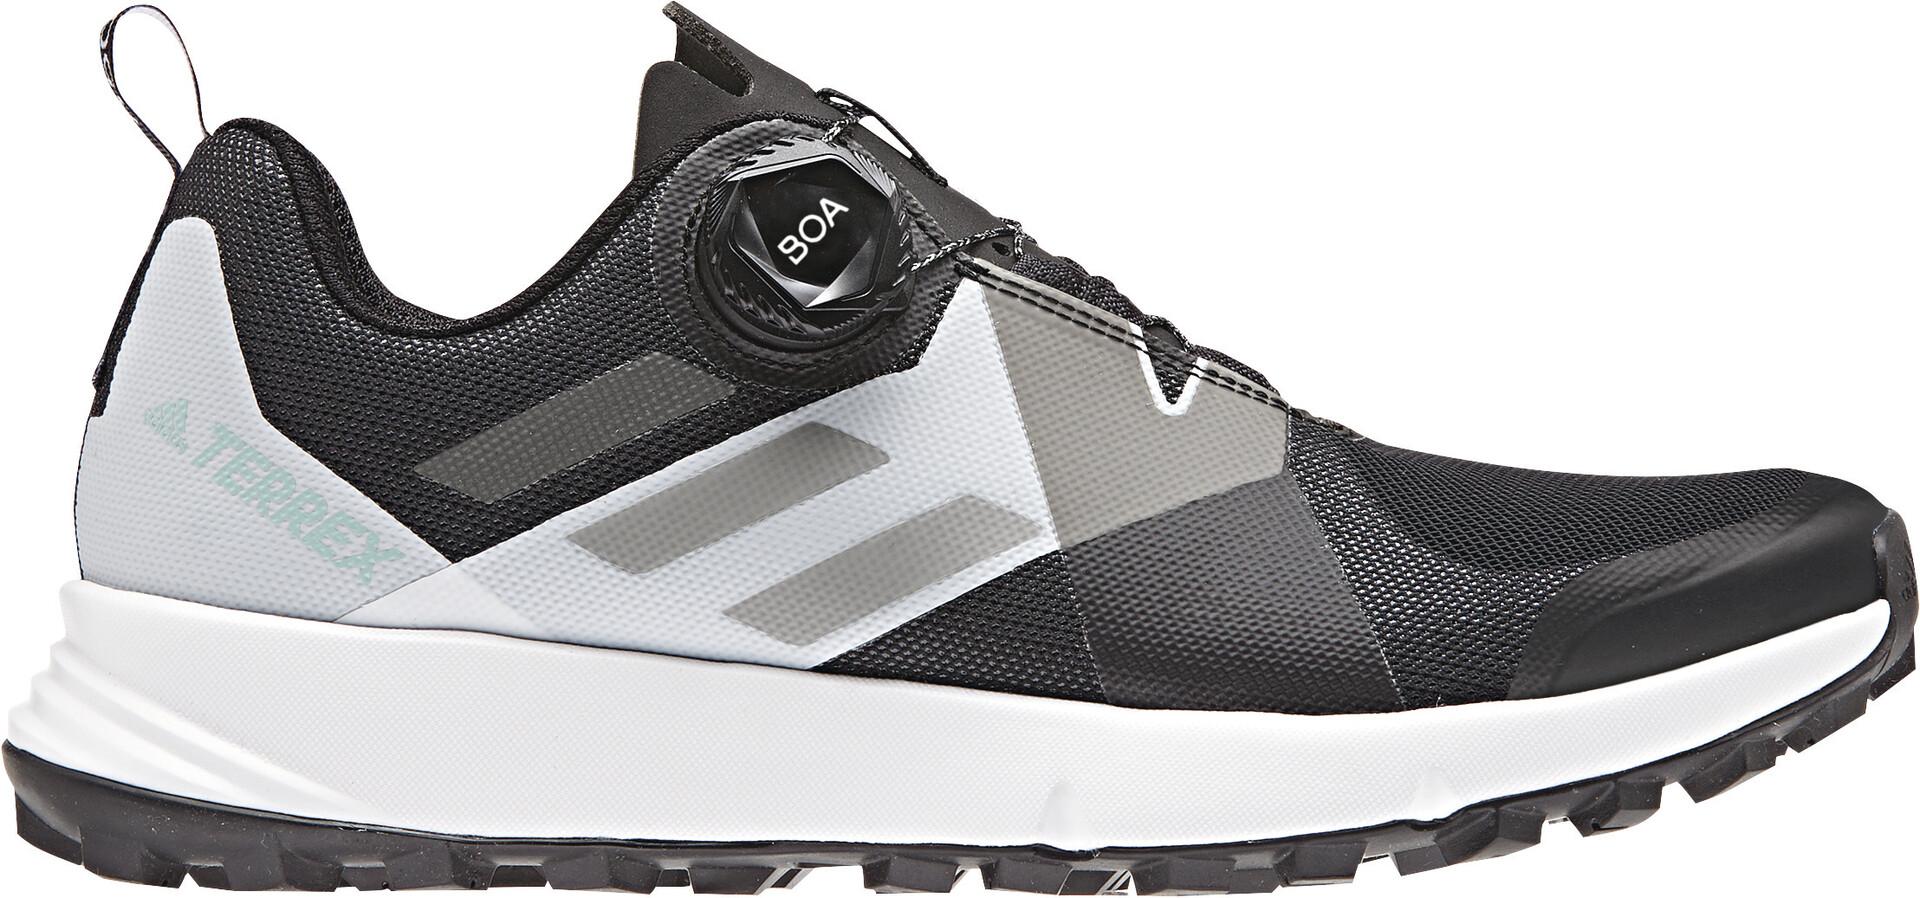 adidas TERREX Two Schoenen Dames, non dyedtranslcore black